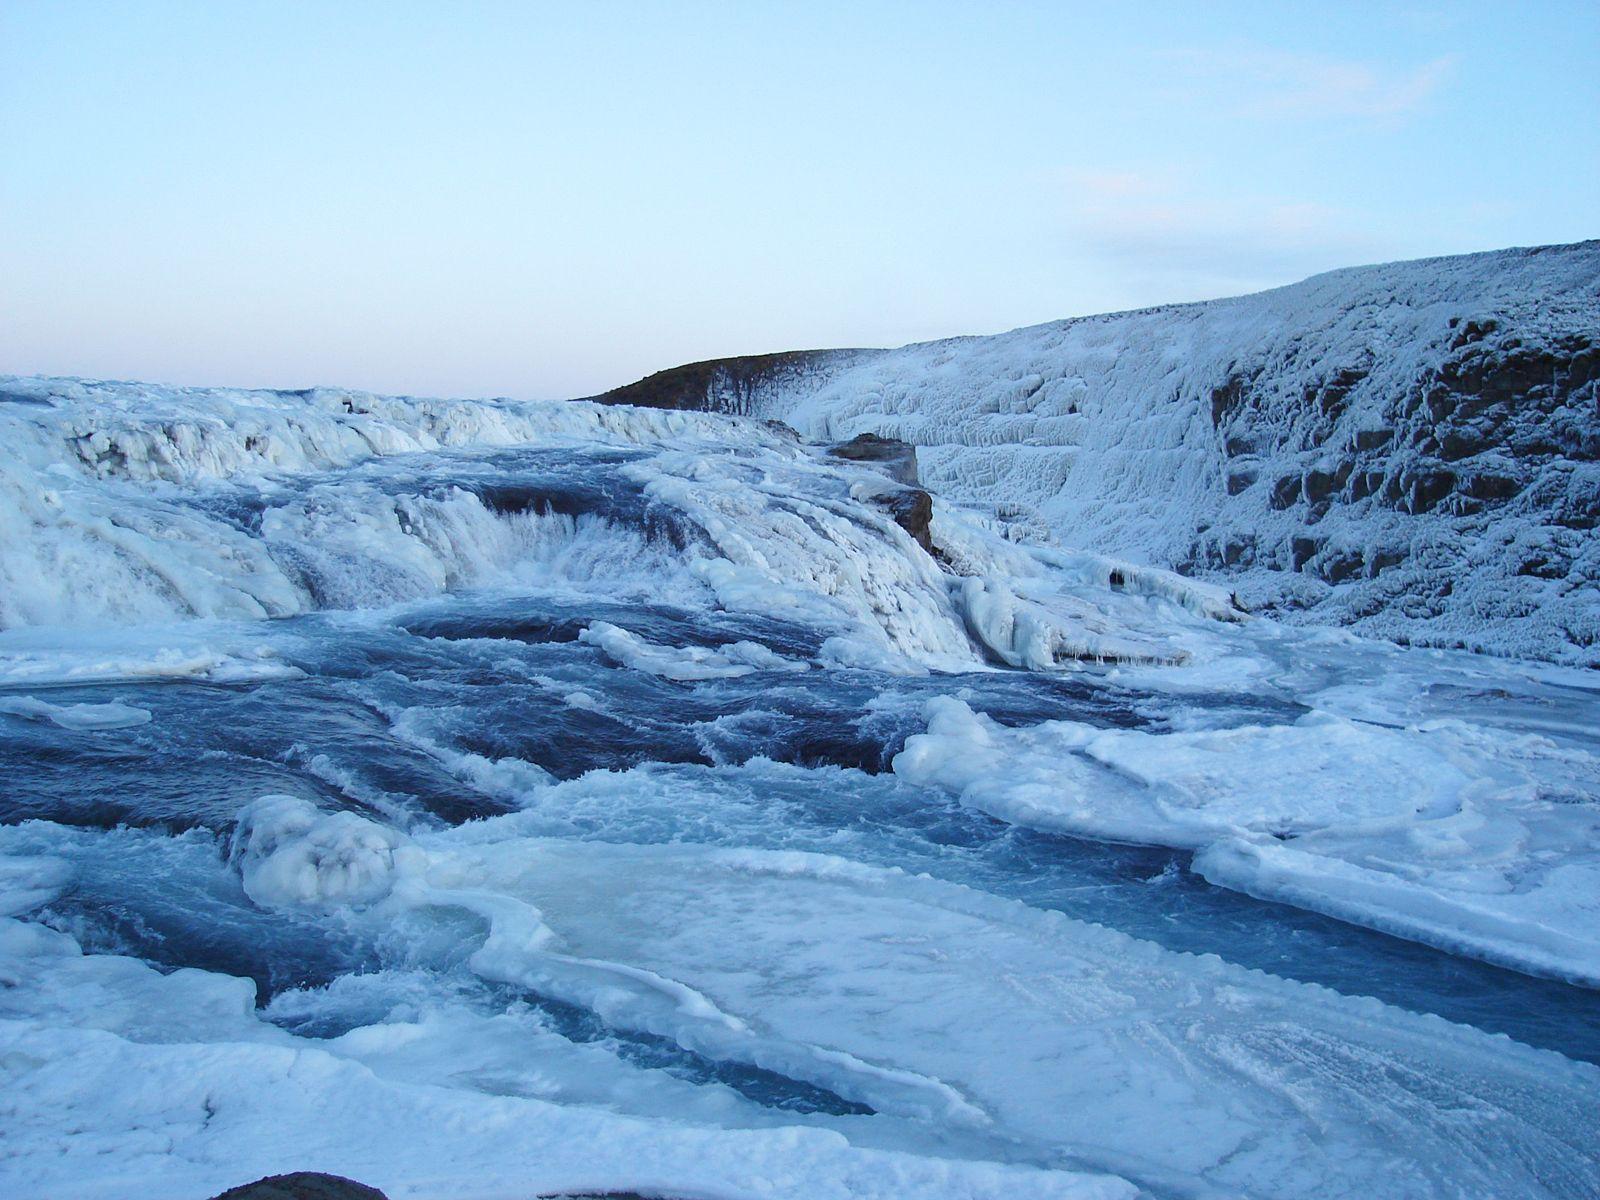 Водопад Гюдльфосс зимой